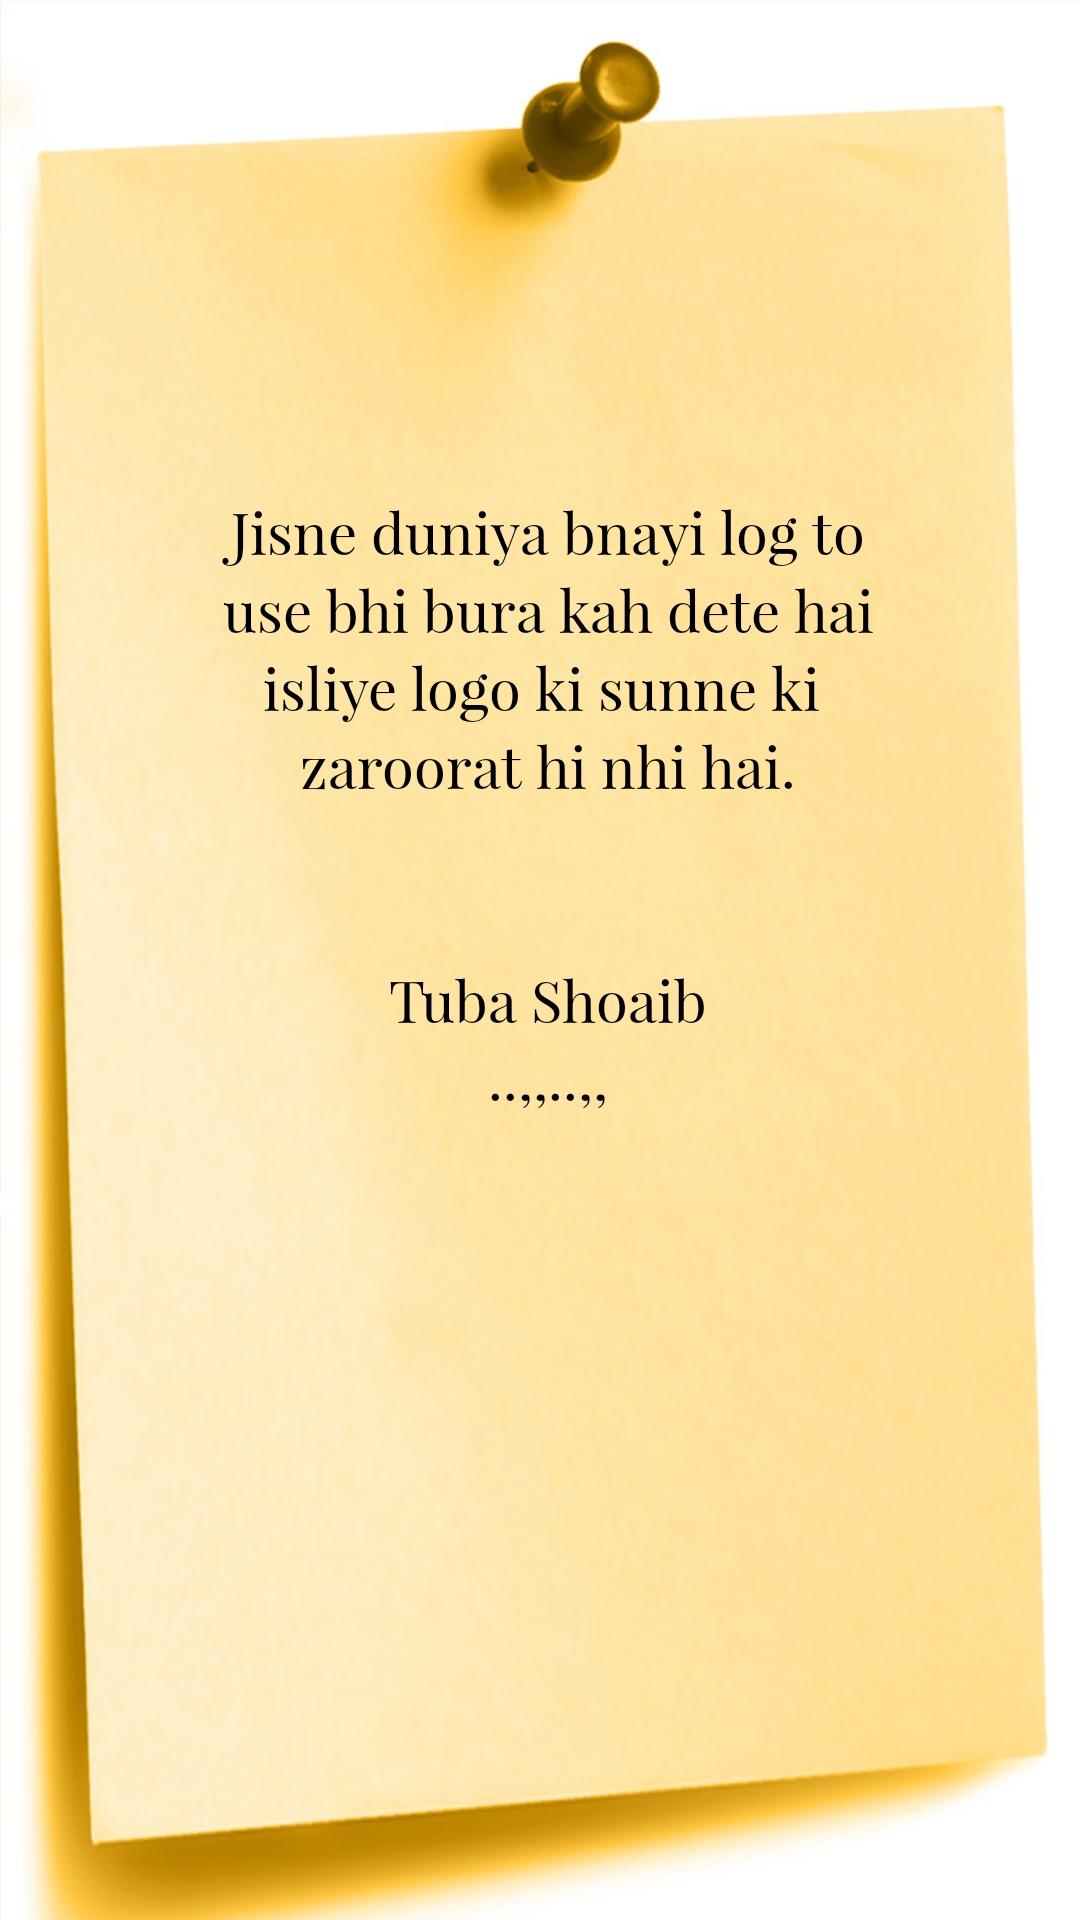 Jisne duniya bnayi log to use bhi bura kah dete hai isliye logo ki sunne ki  zaroorat hi nhi hai.   Tuba Shoaib ..,,..,,